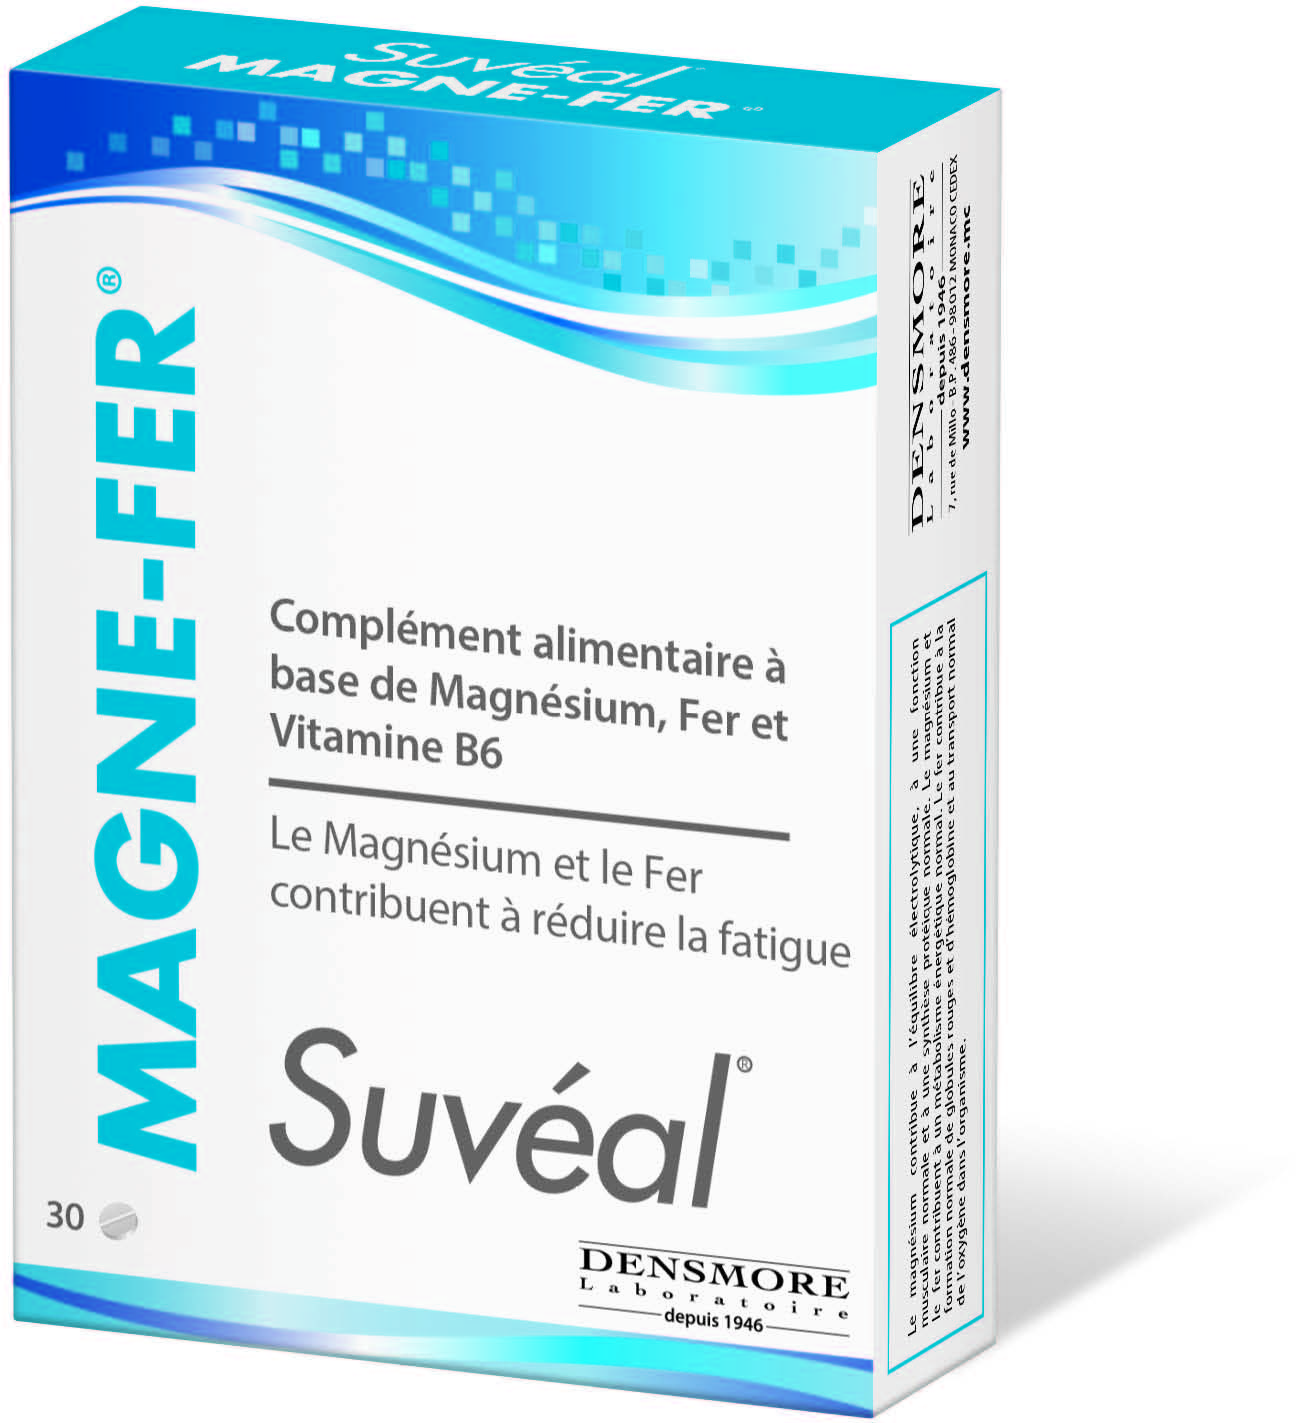 Image Suvéal® Magne-Fer